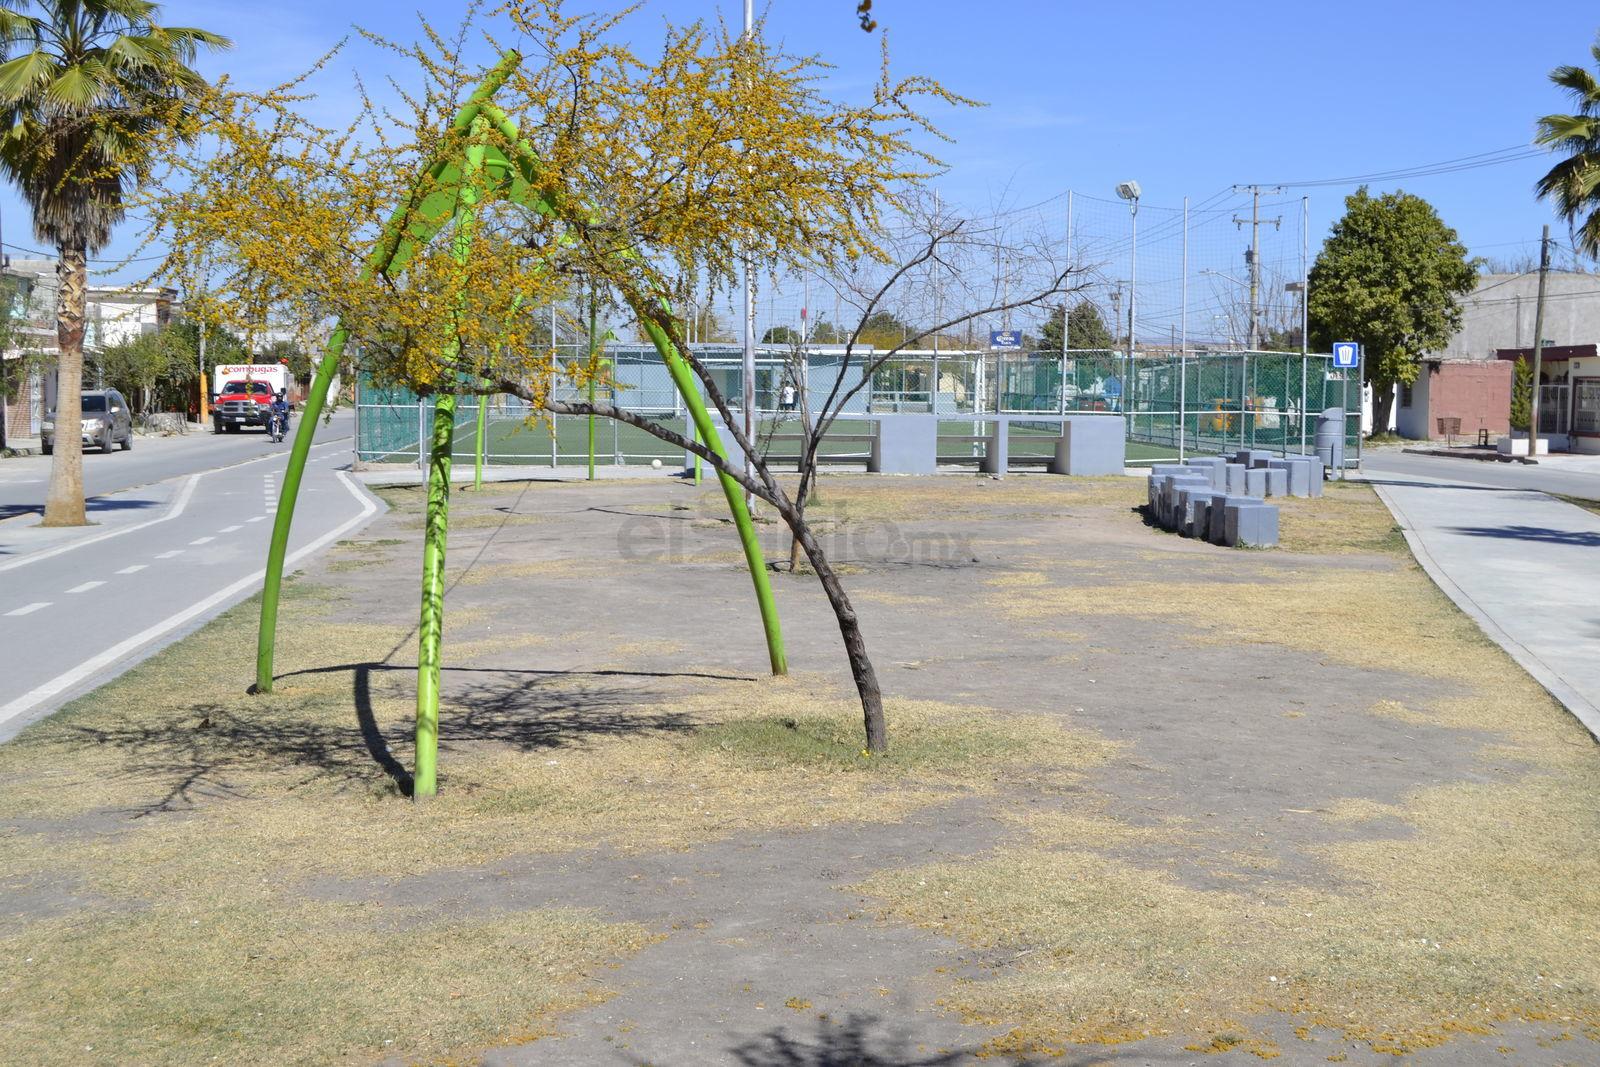 Entre el amarillo y el gris. En algunas zonas del parque líneal, el césped seco cedió el paso a la tierra por la falta de agua, dando un mal aspecto al lugar.